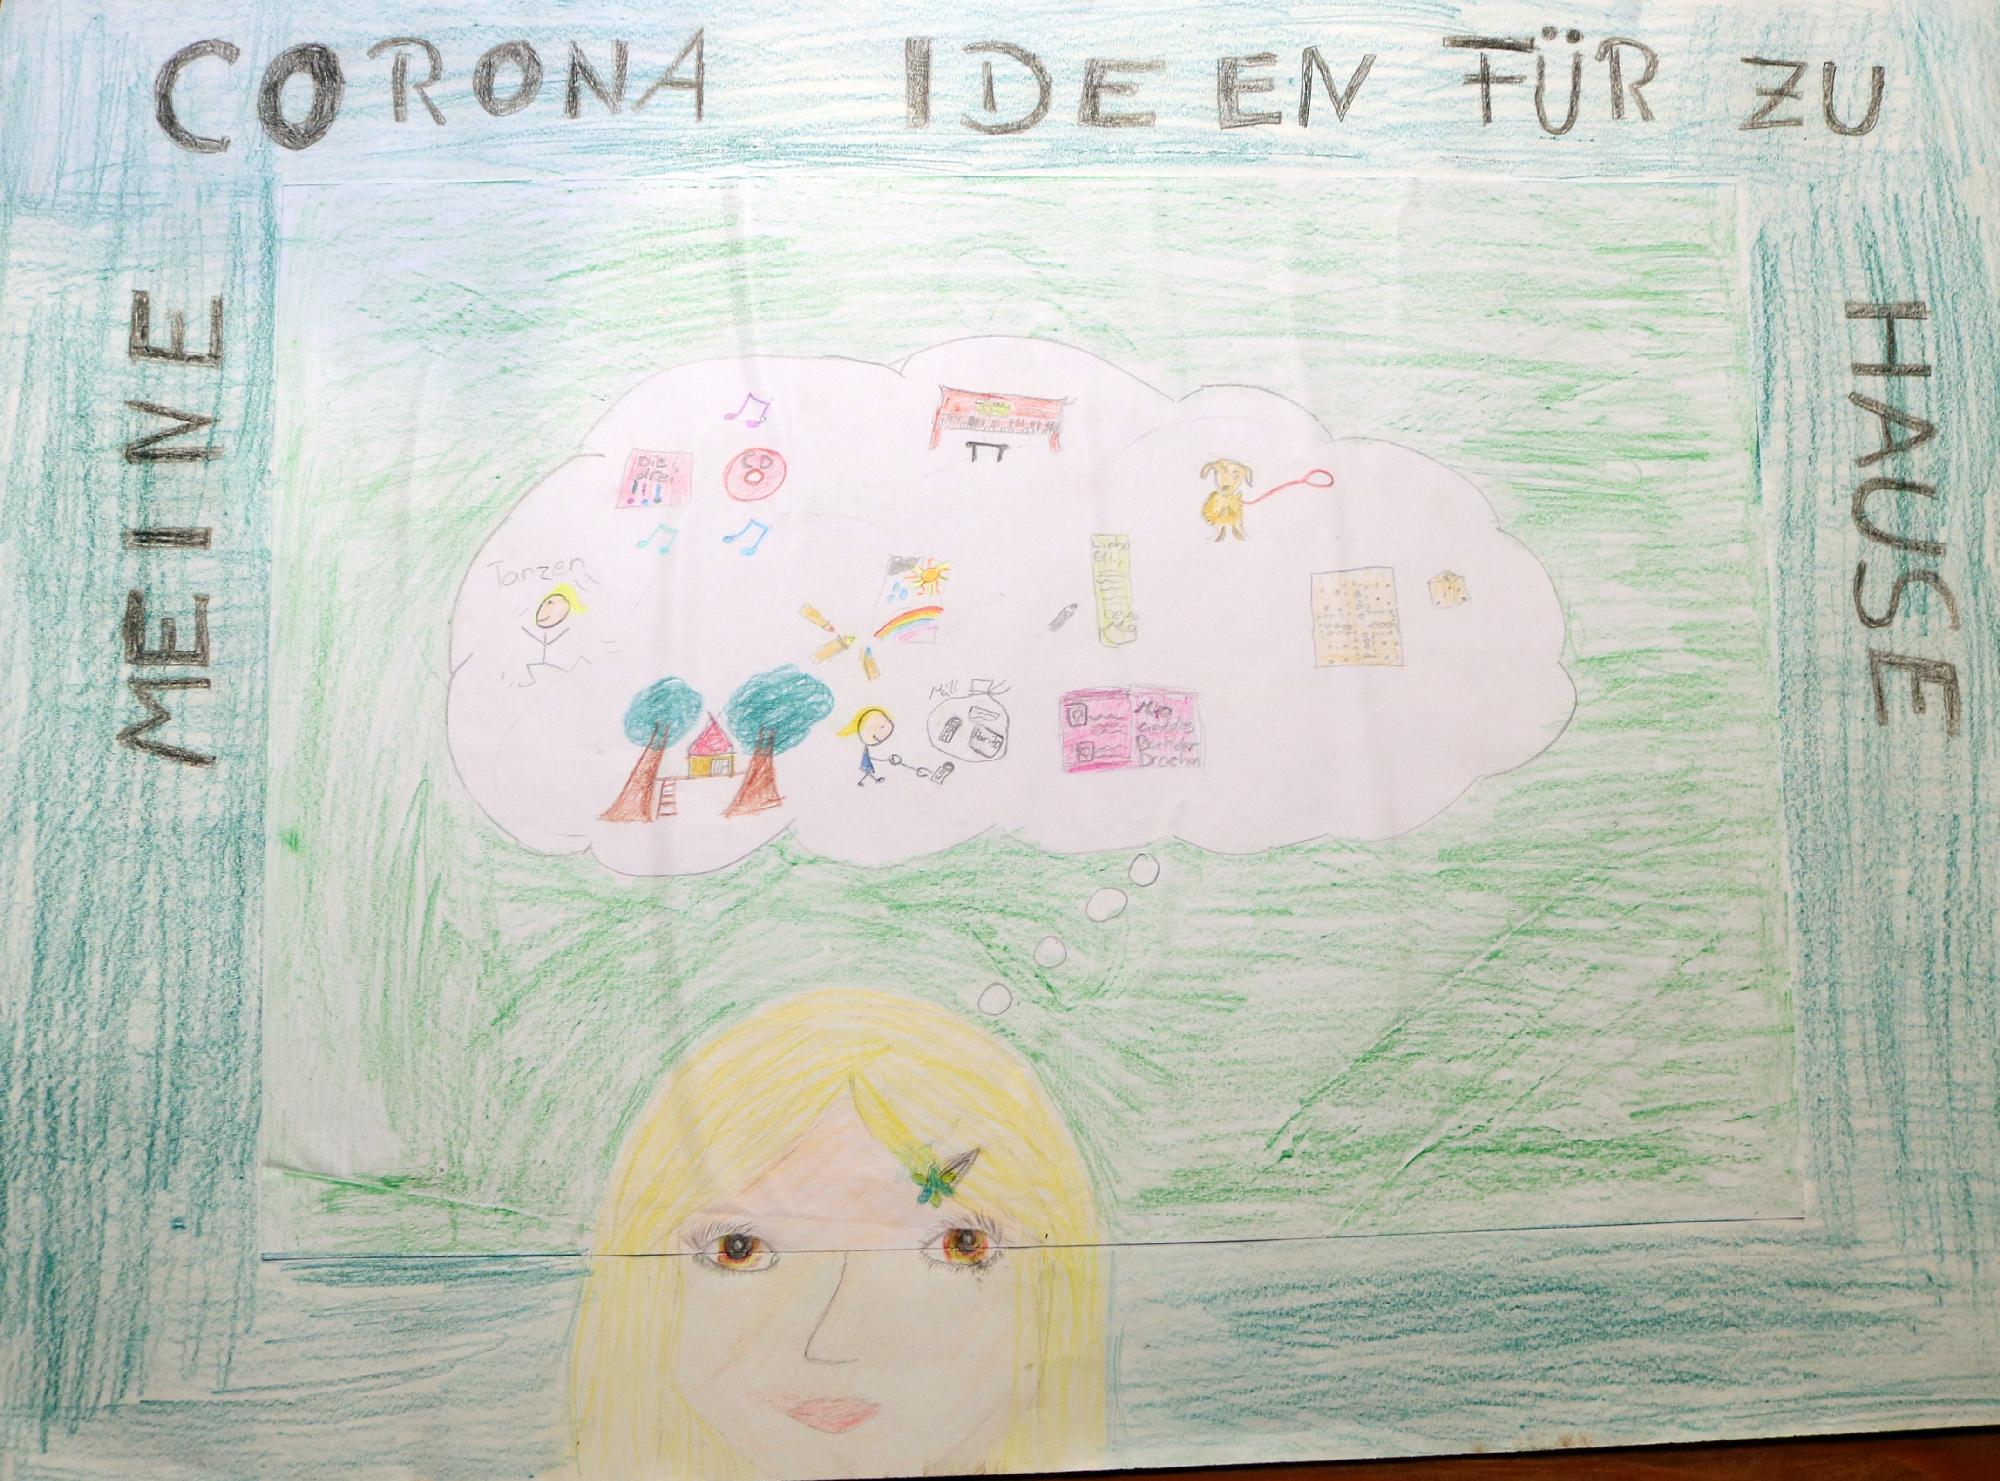 2020 Malwettbewerb Meine Corona Ideen für zu Hause (Mia Lena 10 Jahre) web